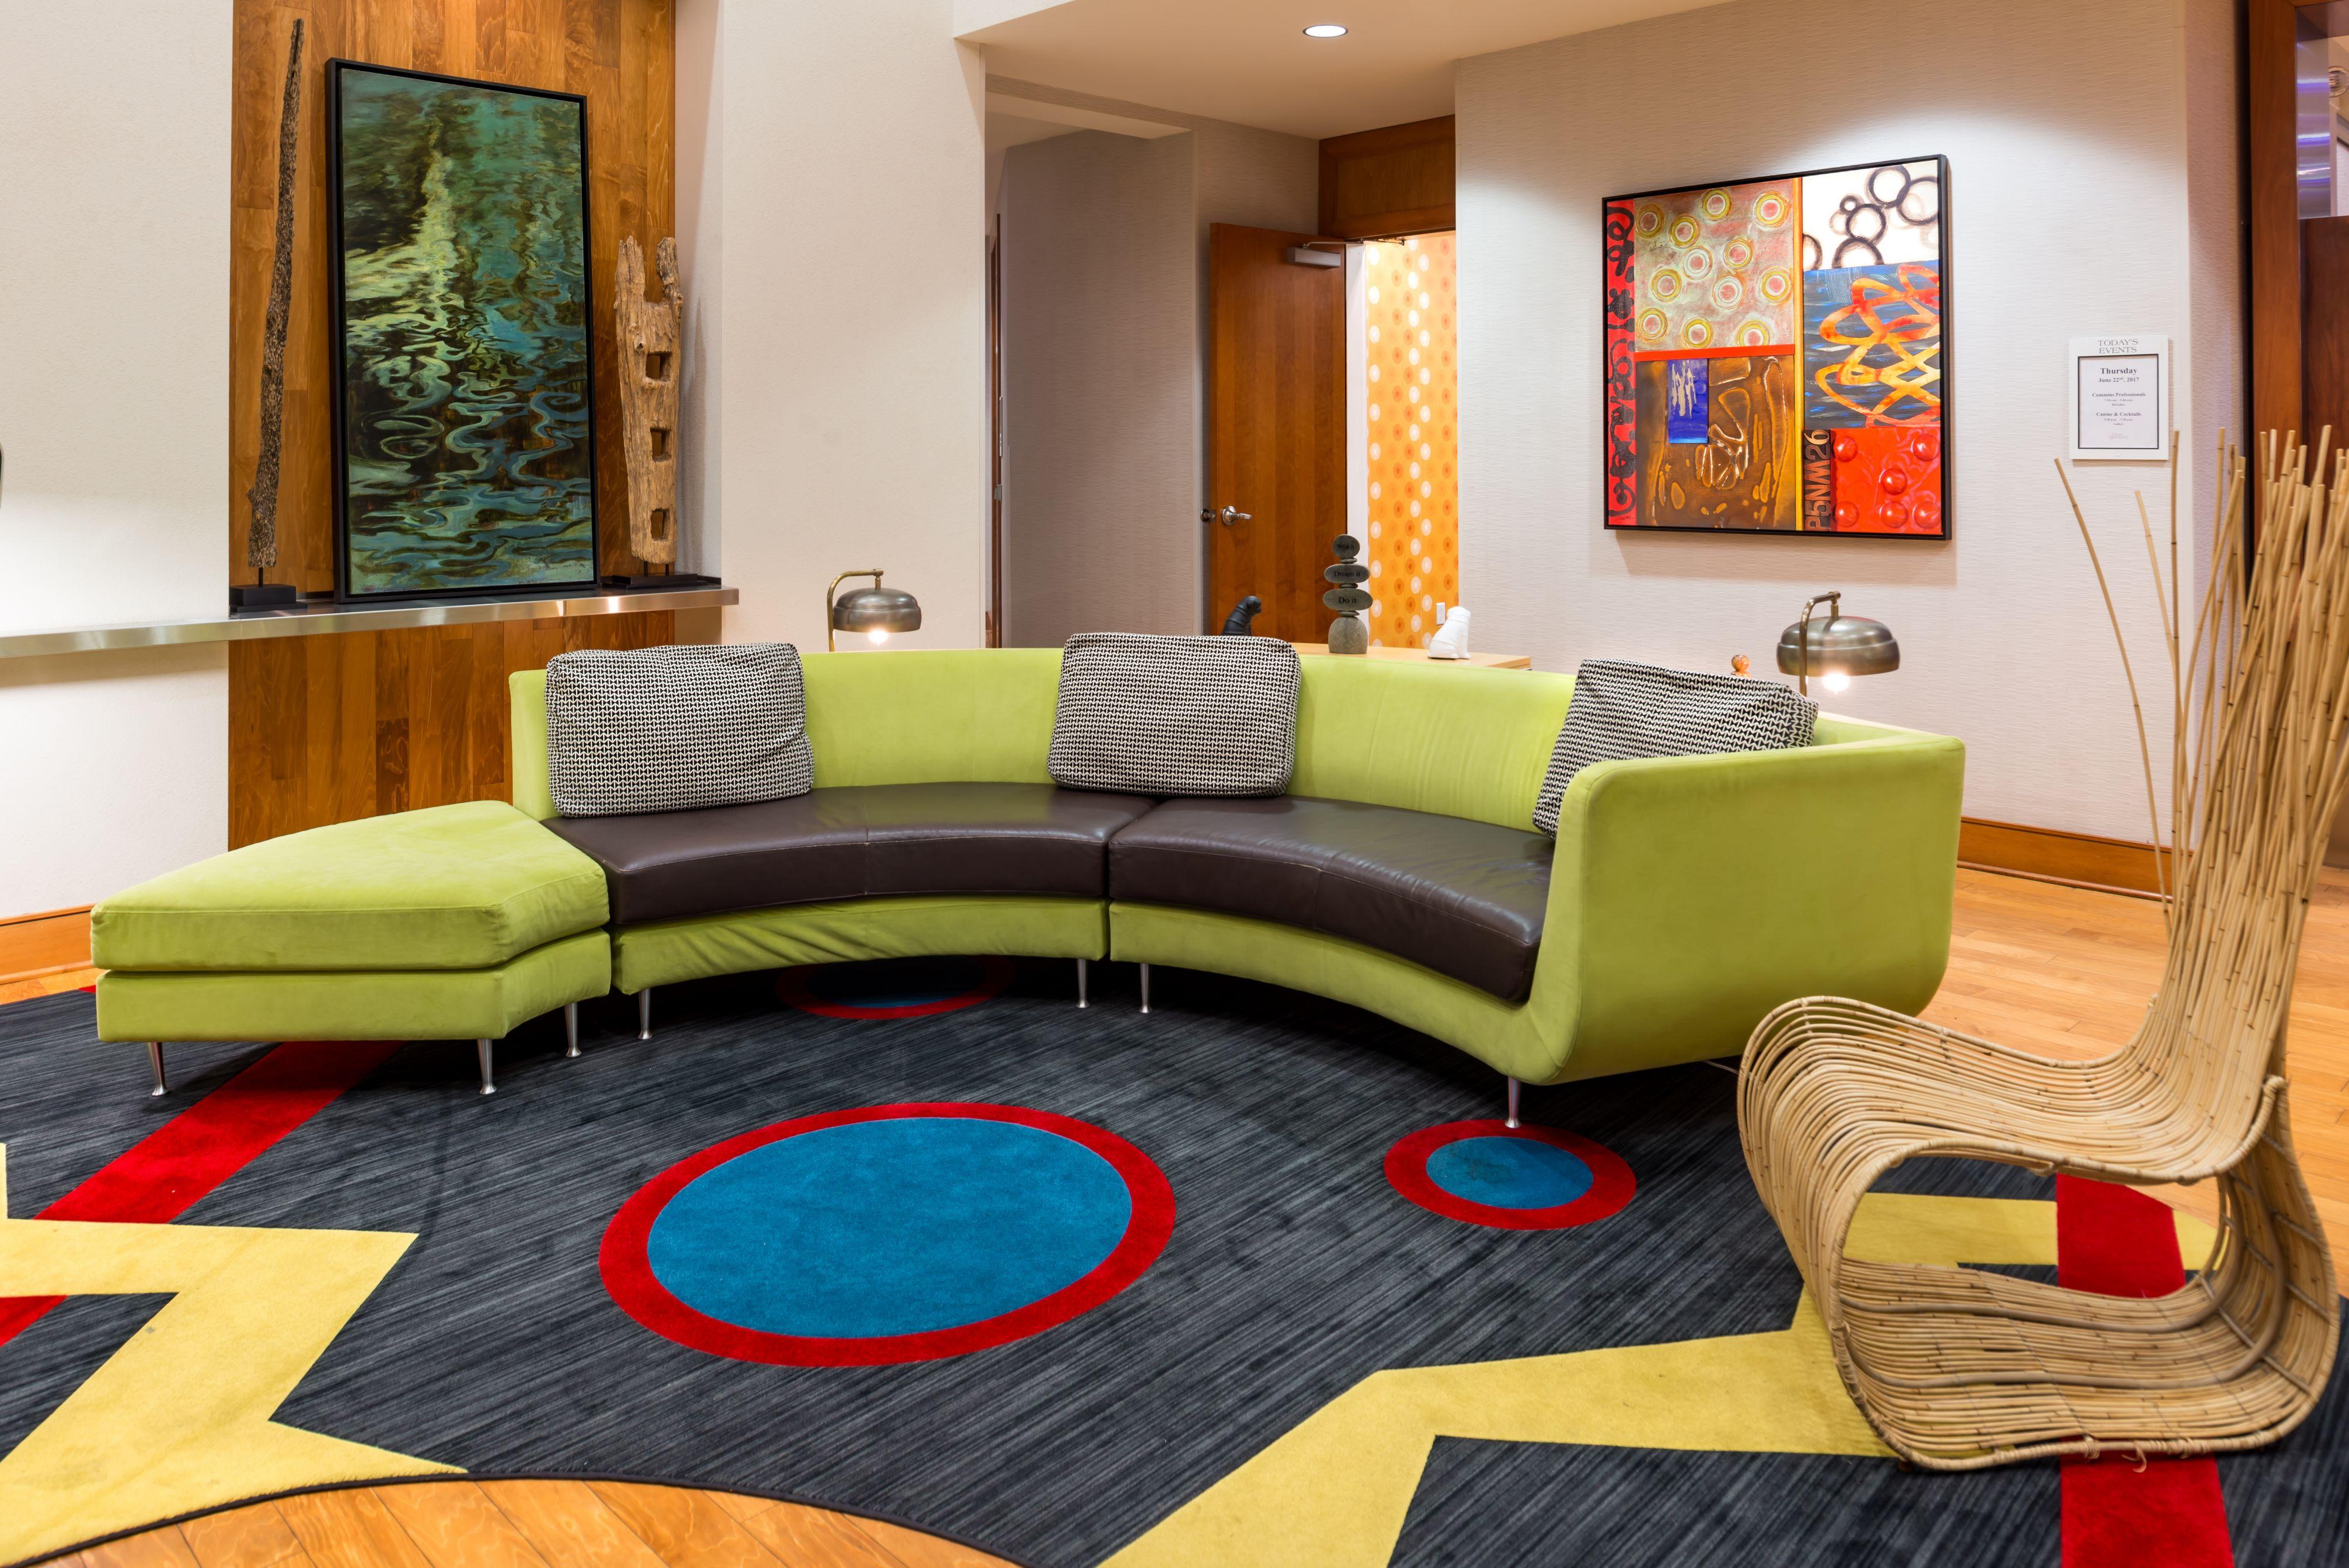 Hotel Indigo Columbus Architectural Center image 8